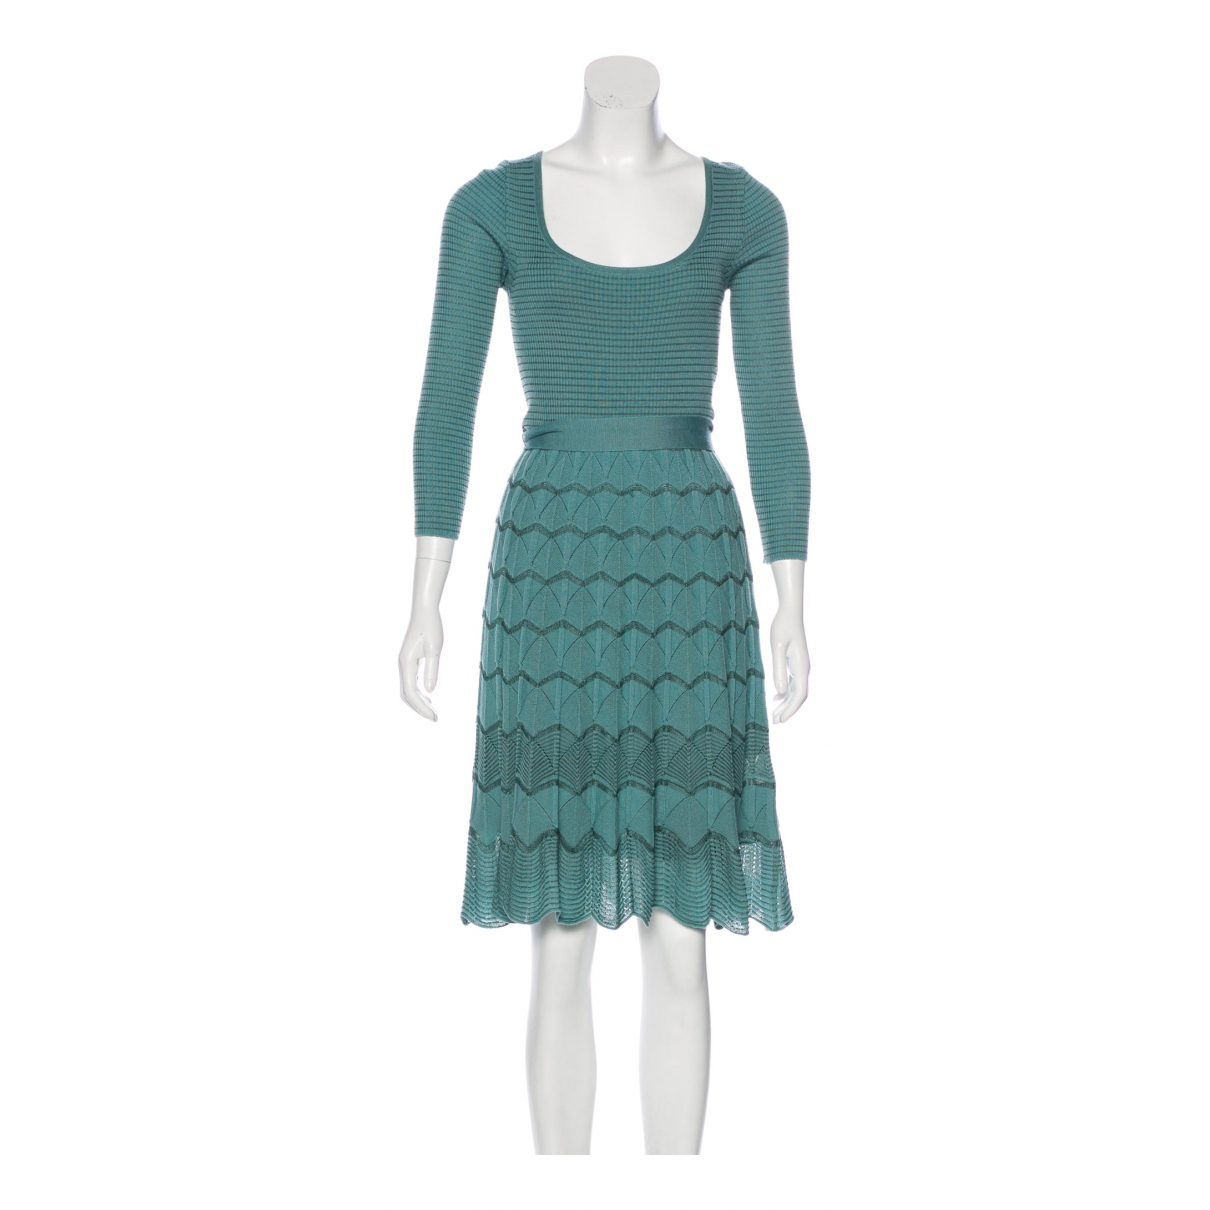 M Missoni \N Kleid in  Tuerkis Wolle